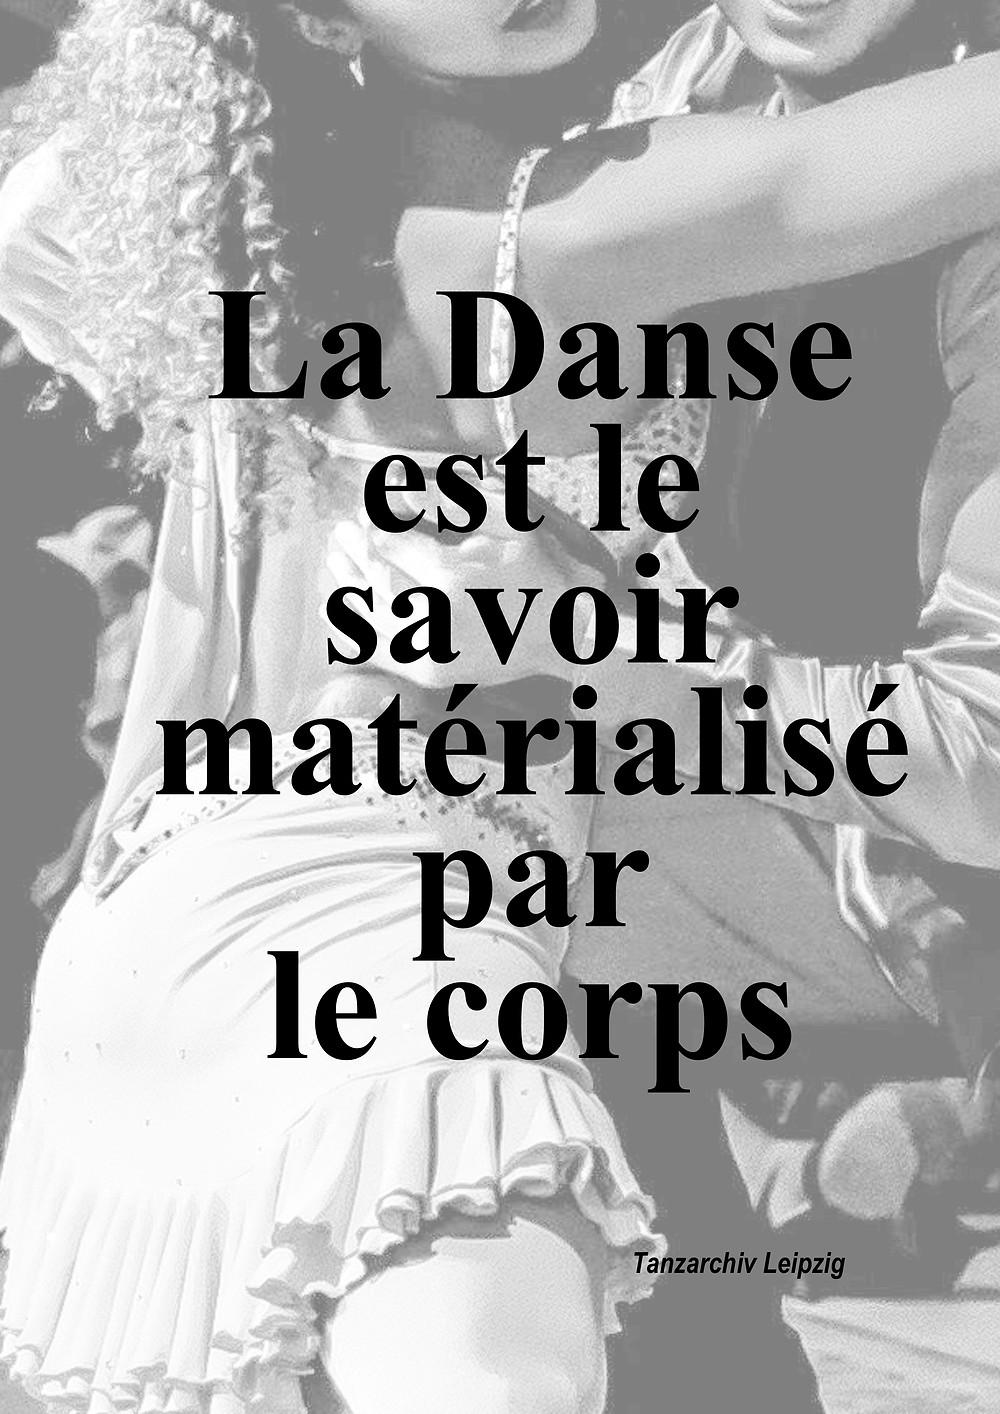 La danse est le savoir matérialisé par le corps